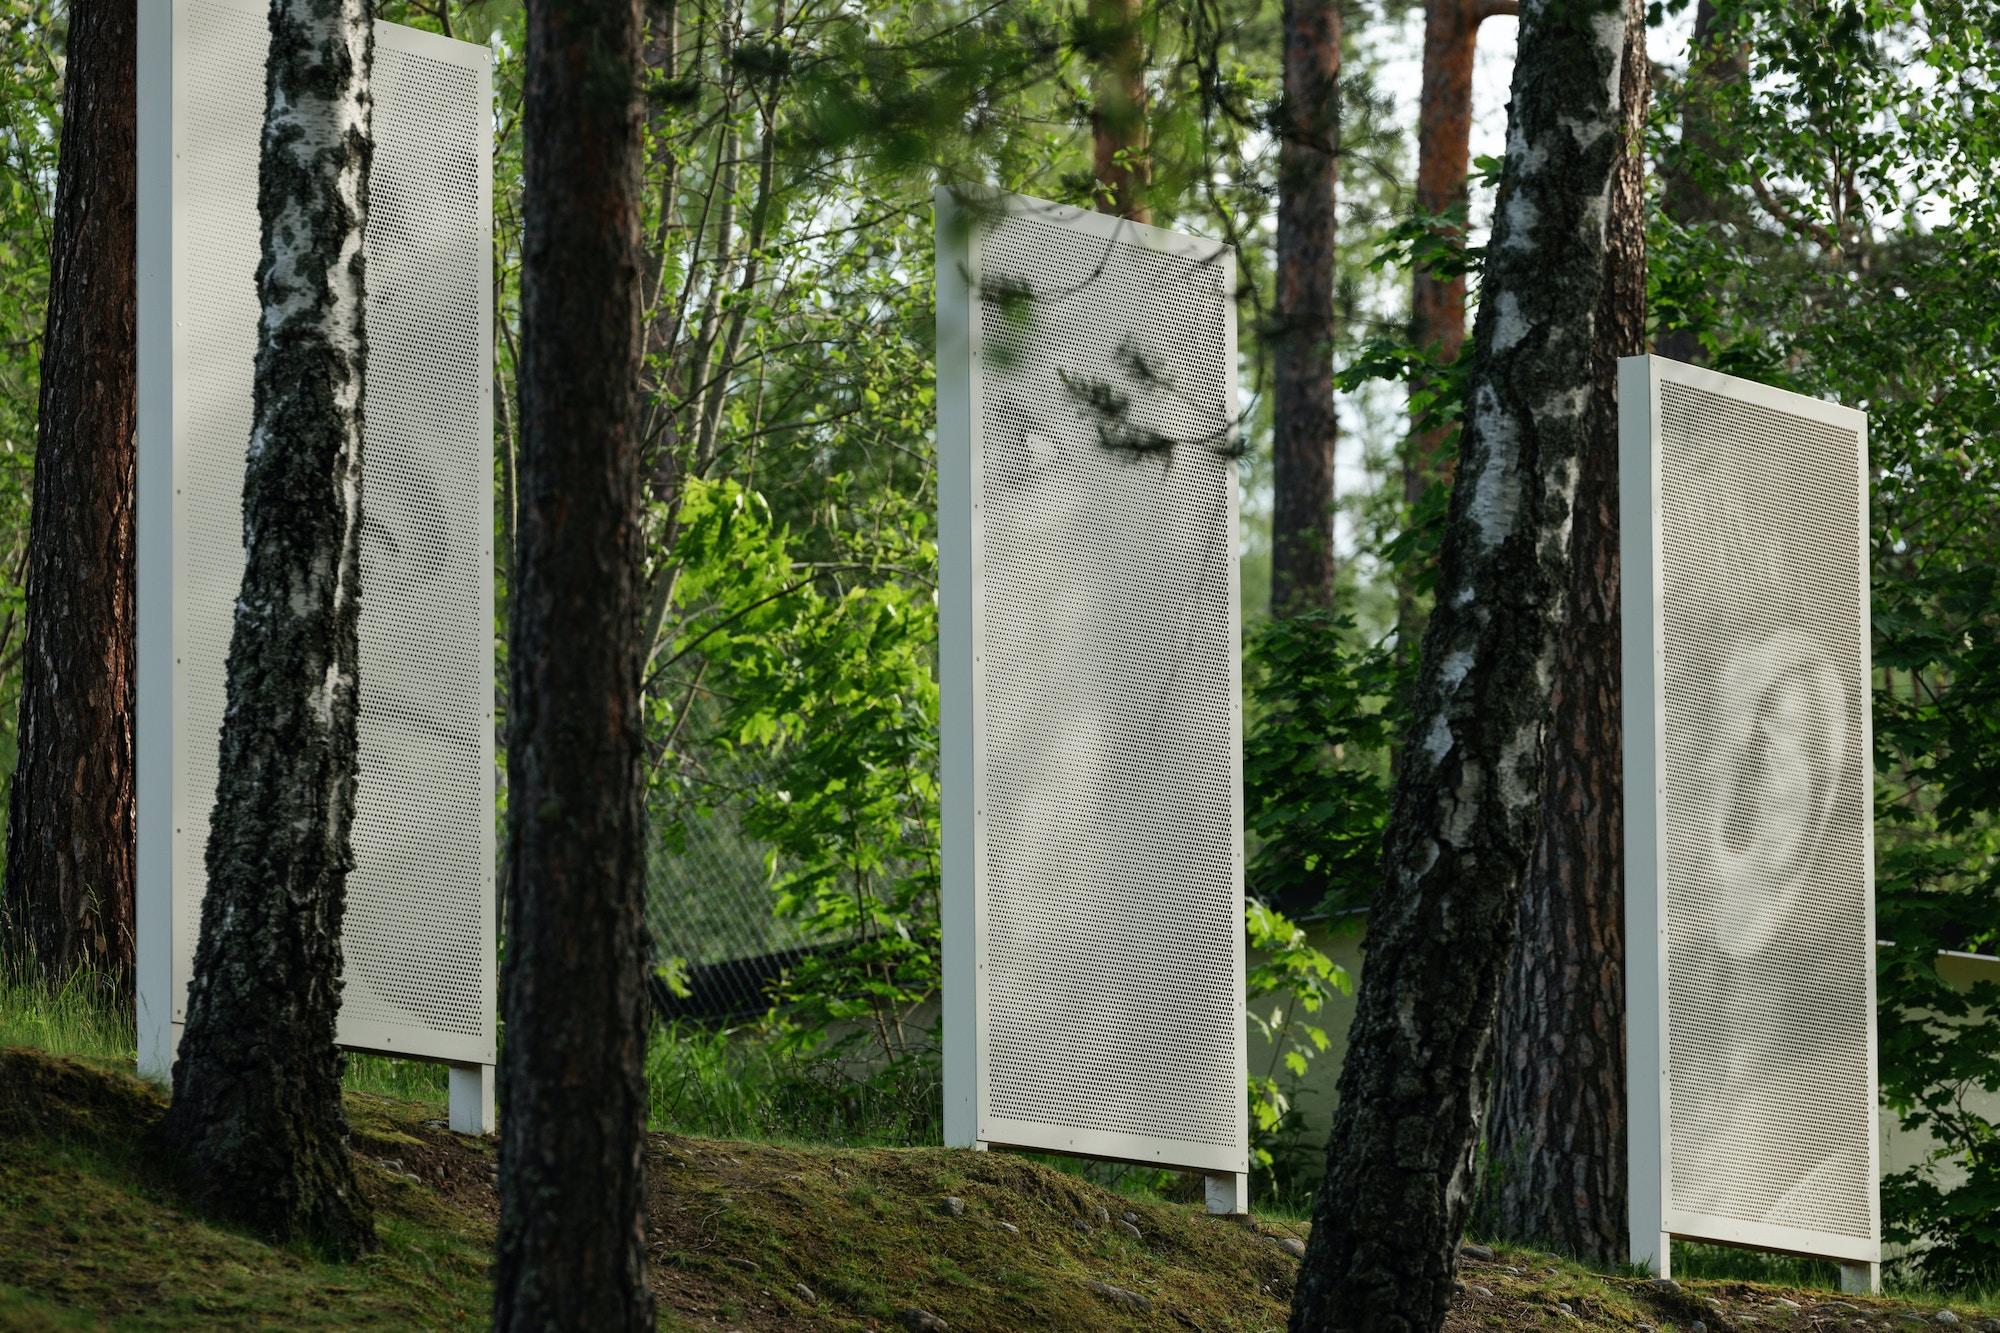 Skulptur plassert i grønn natur. Tre plater med portrett av Christen Sveaas.